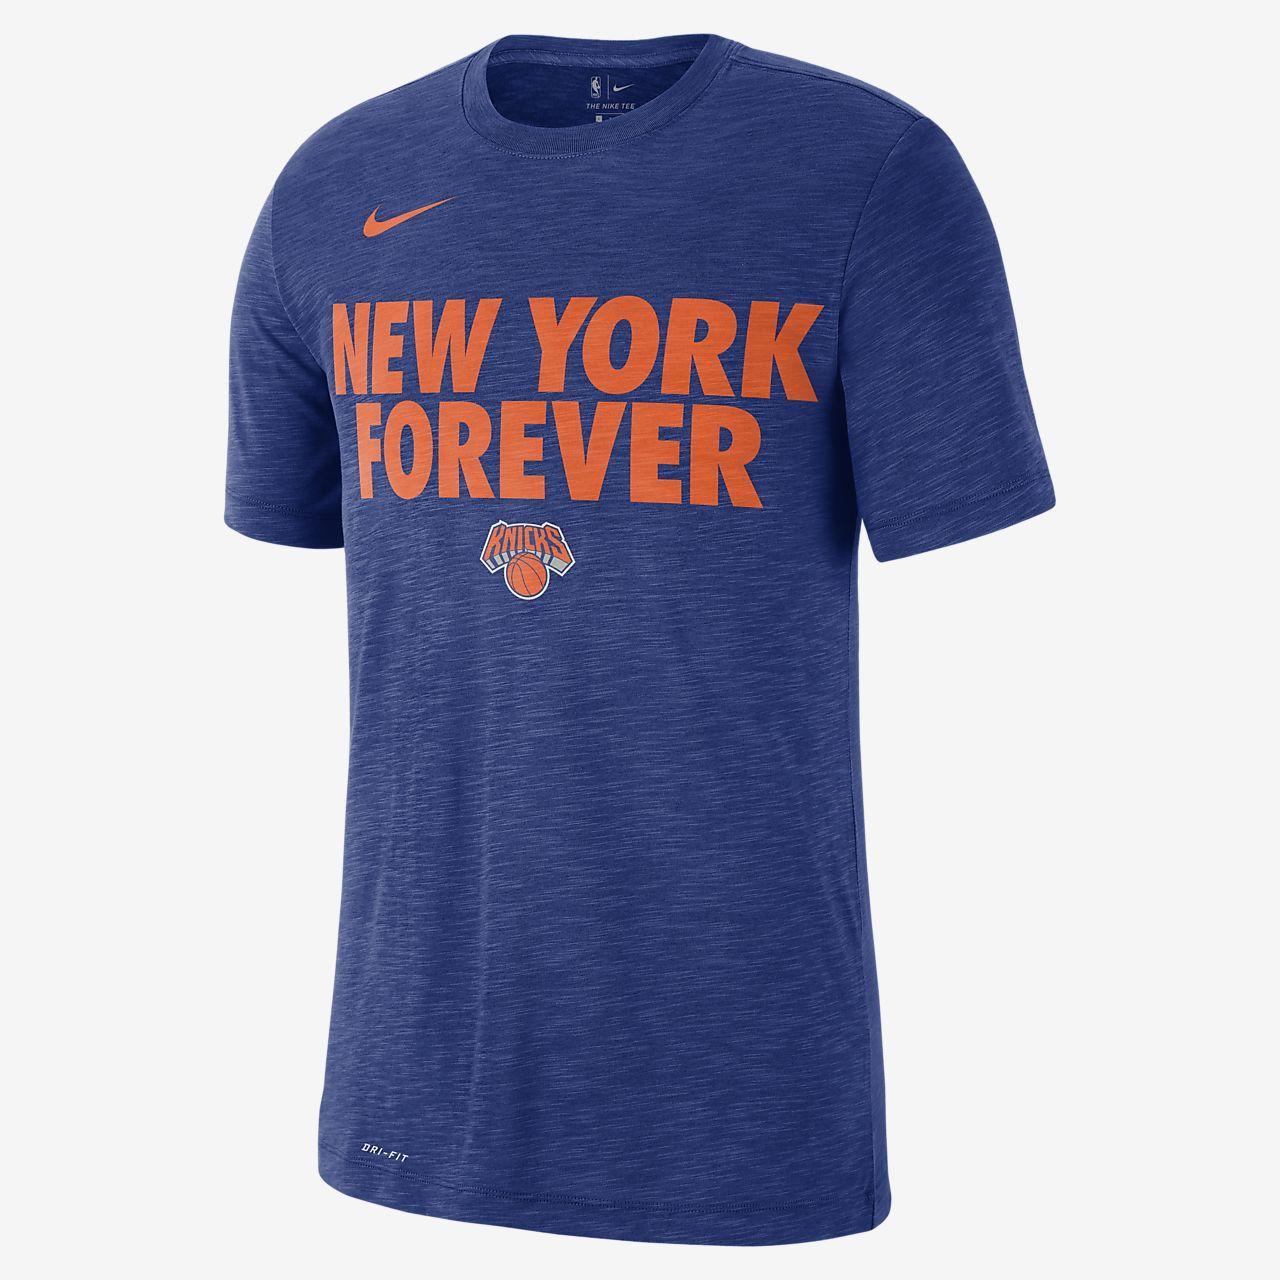 Playera de la NBA para hombre New York Knicks Nike Dri-FIT